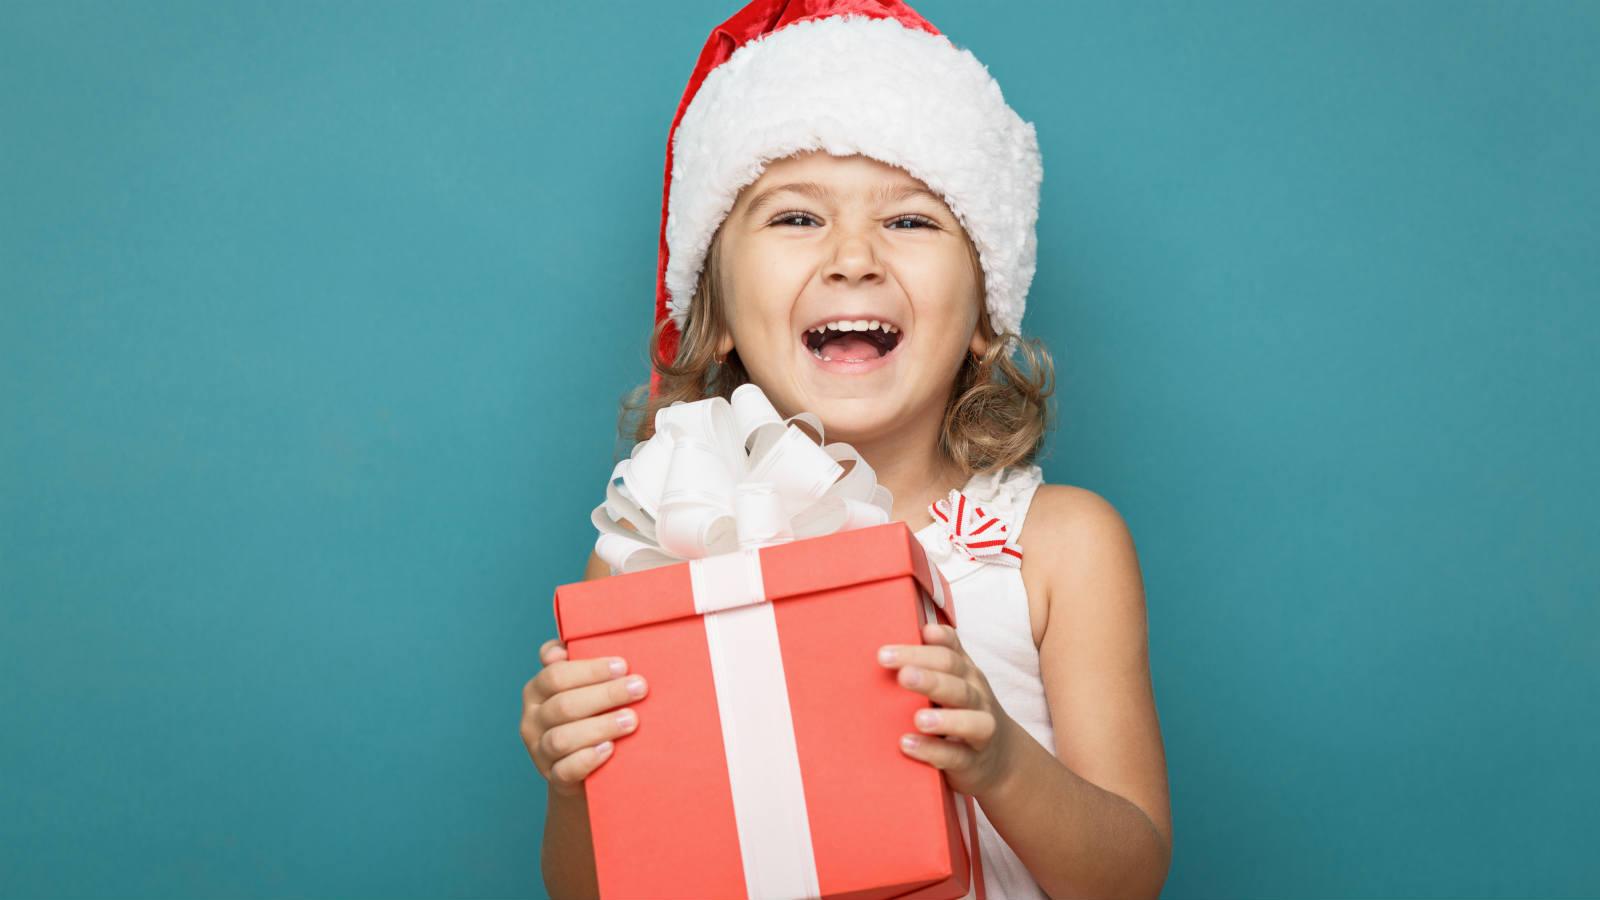 I giocattoli più richiesti per Natale